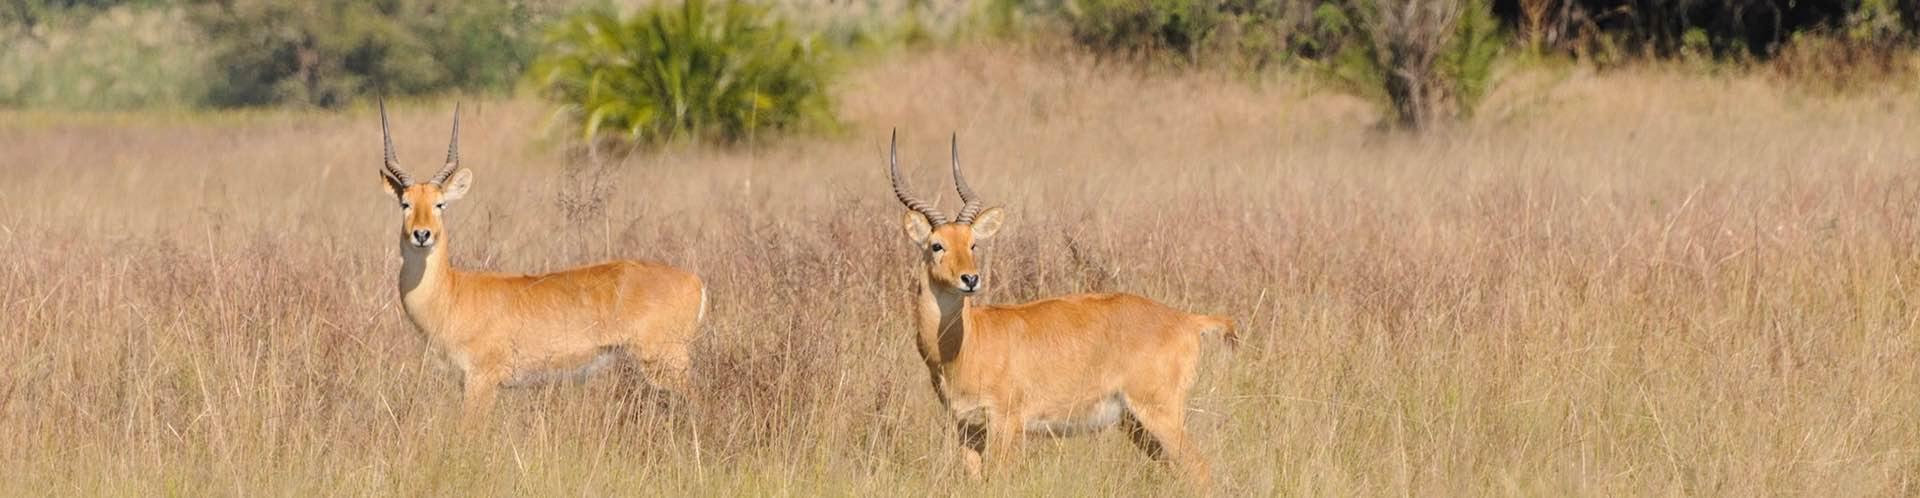 plains-game-hunting-safaris-africa-savan